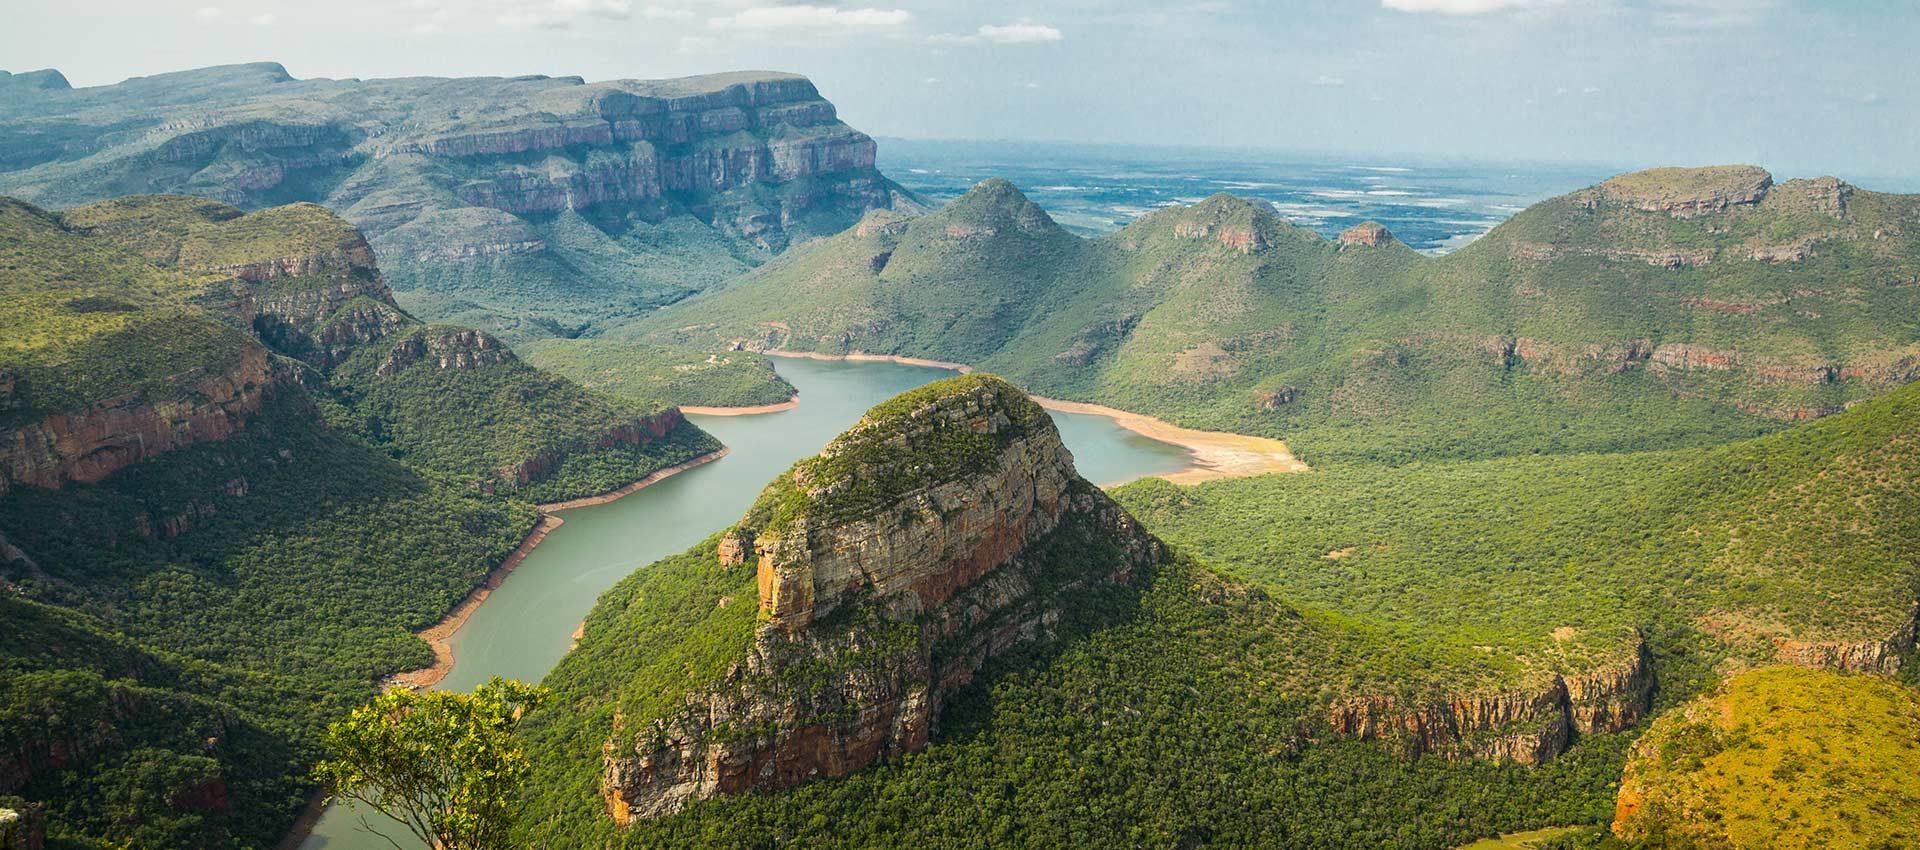 דרום-אפריקה